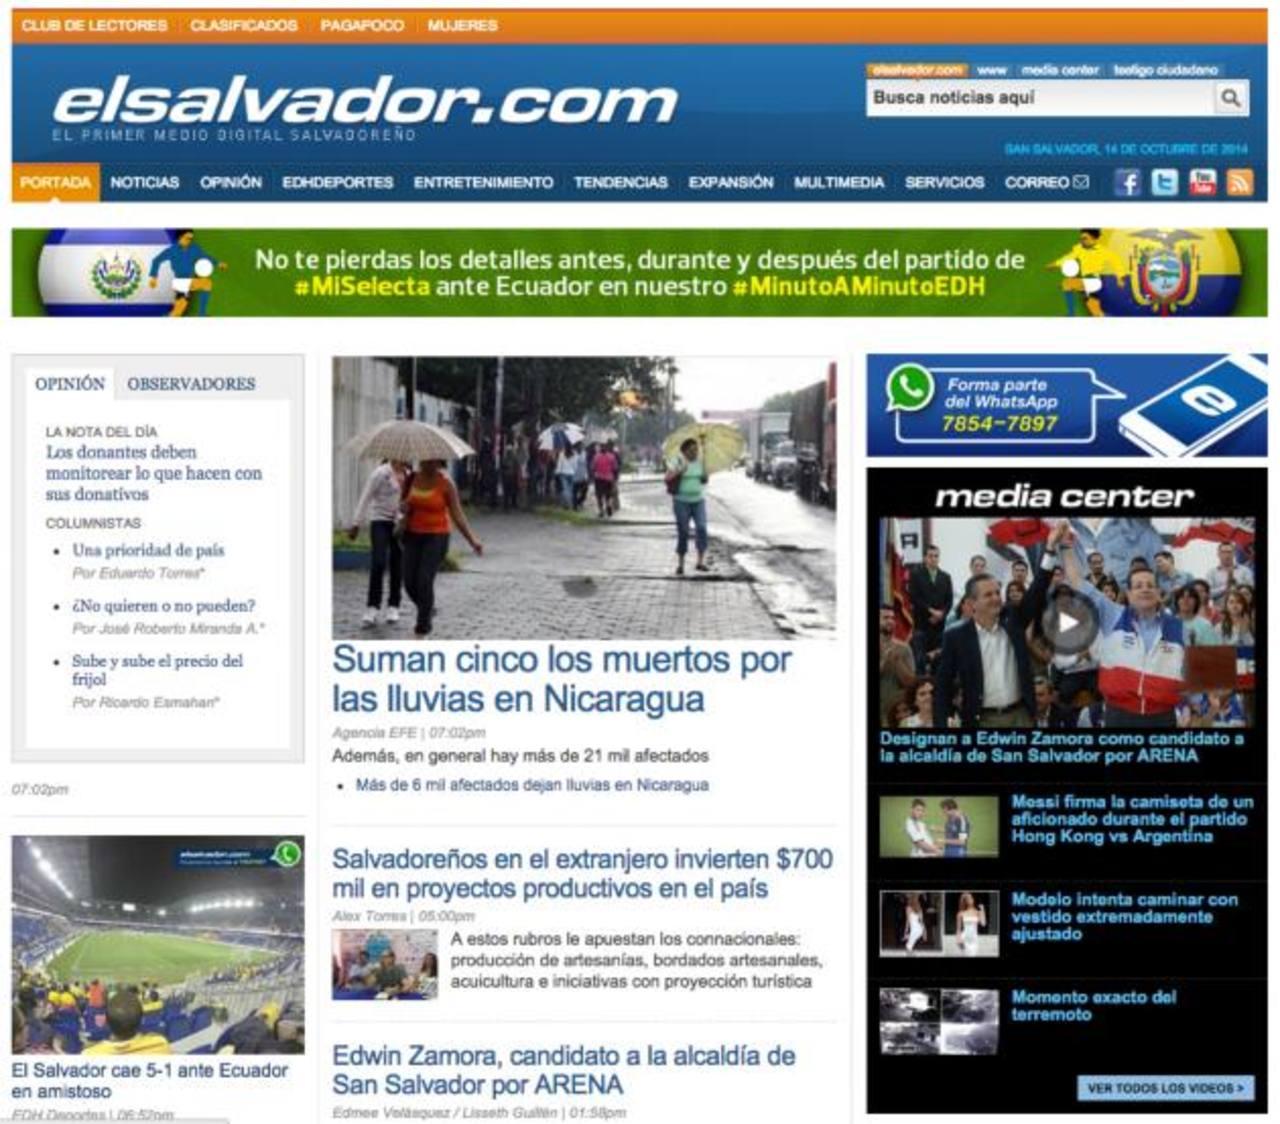 El estudio de comScore destacaba a elsalvador.com entre los cinco sitios con mayor tráfico en Centroamérica.Audiencias compartieron resultados por comScore y aplaudieron el trabajo efectuado por la plataforma digital.